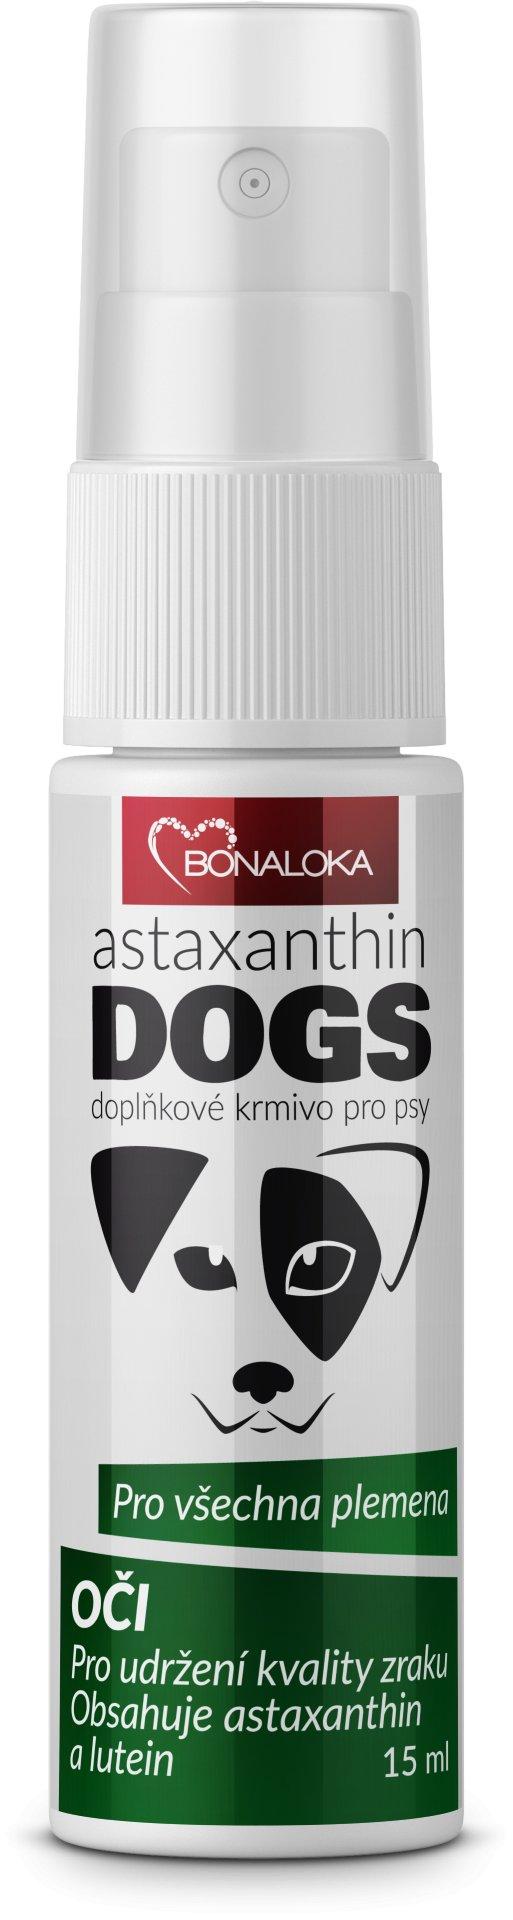 Bonaloka Astaxanthin Dogs Oči